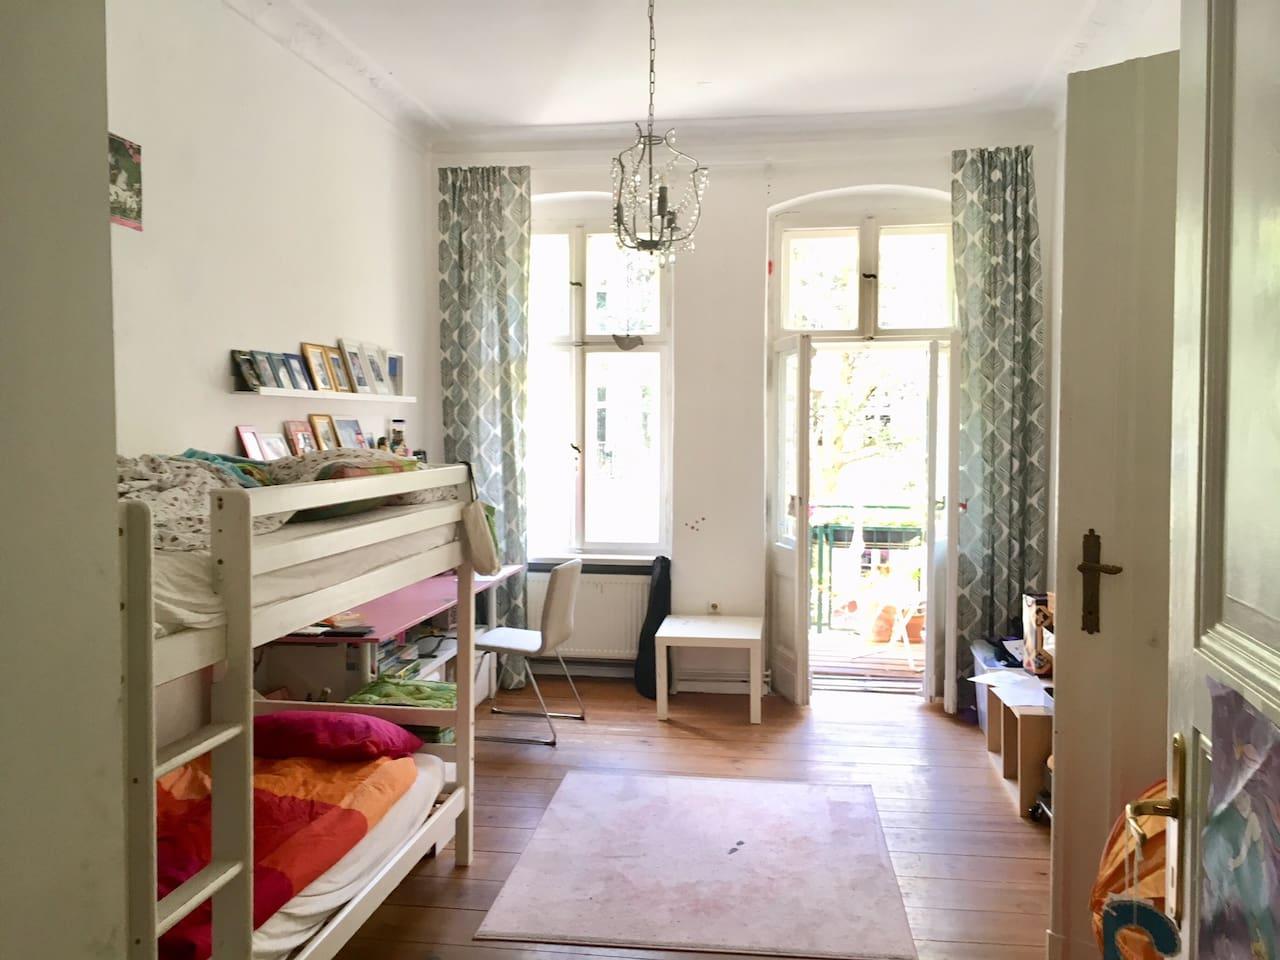 Kinderzimmer, 2. Schlafzimmer mit Balkon